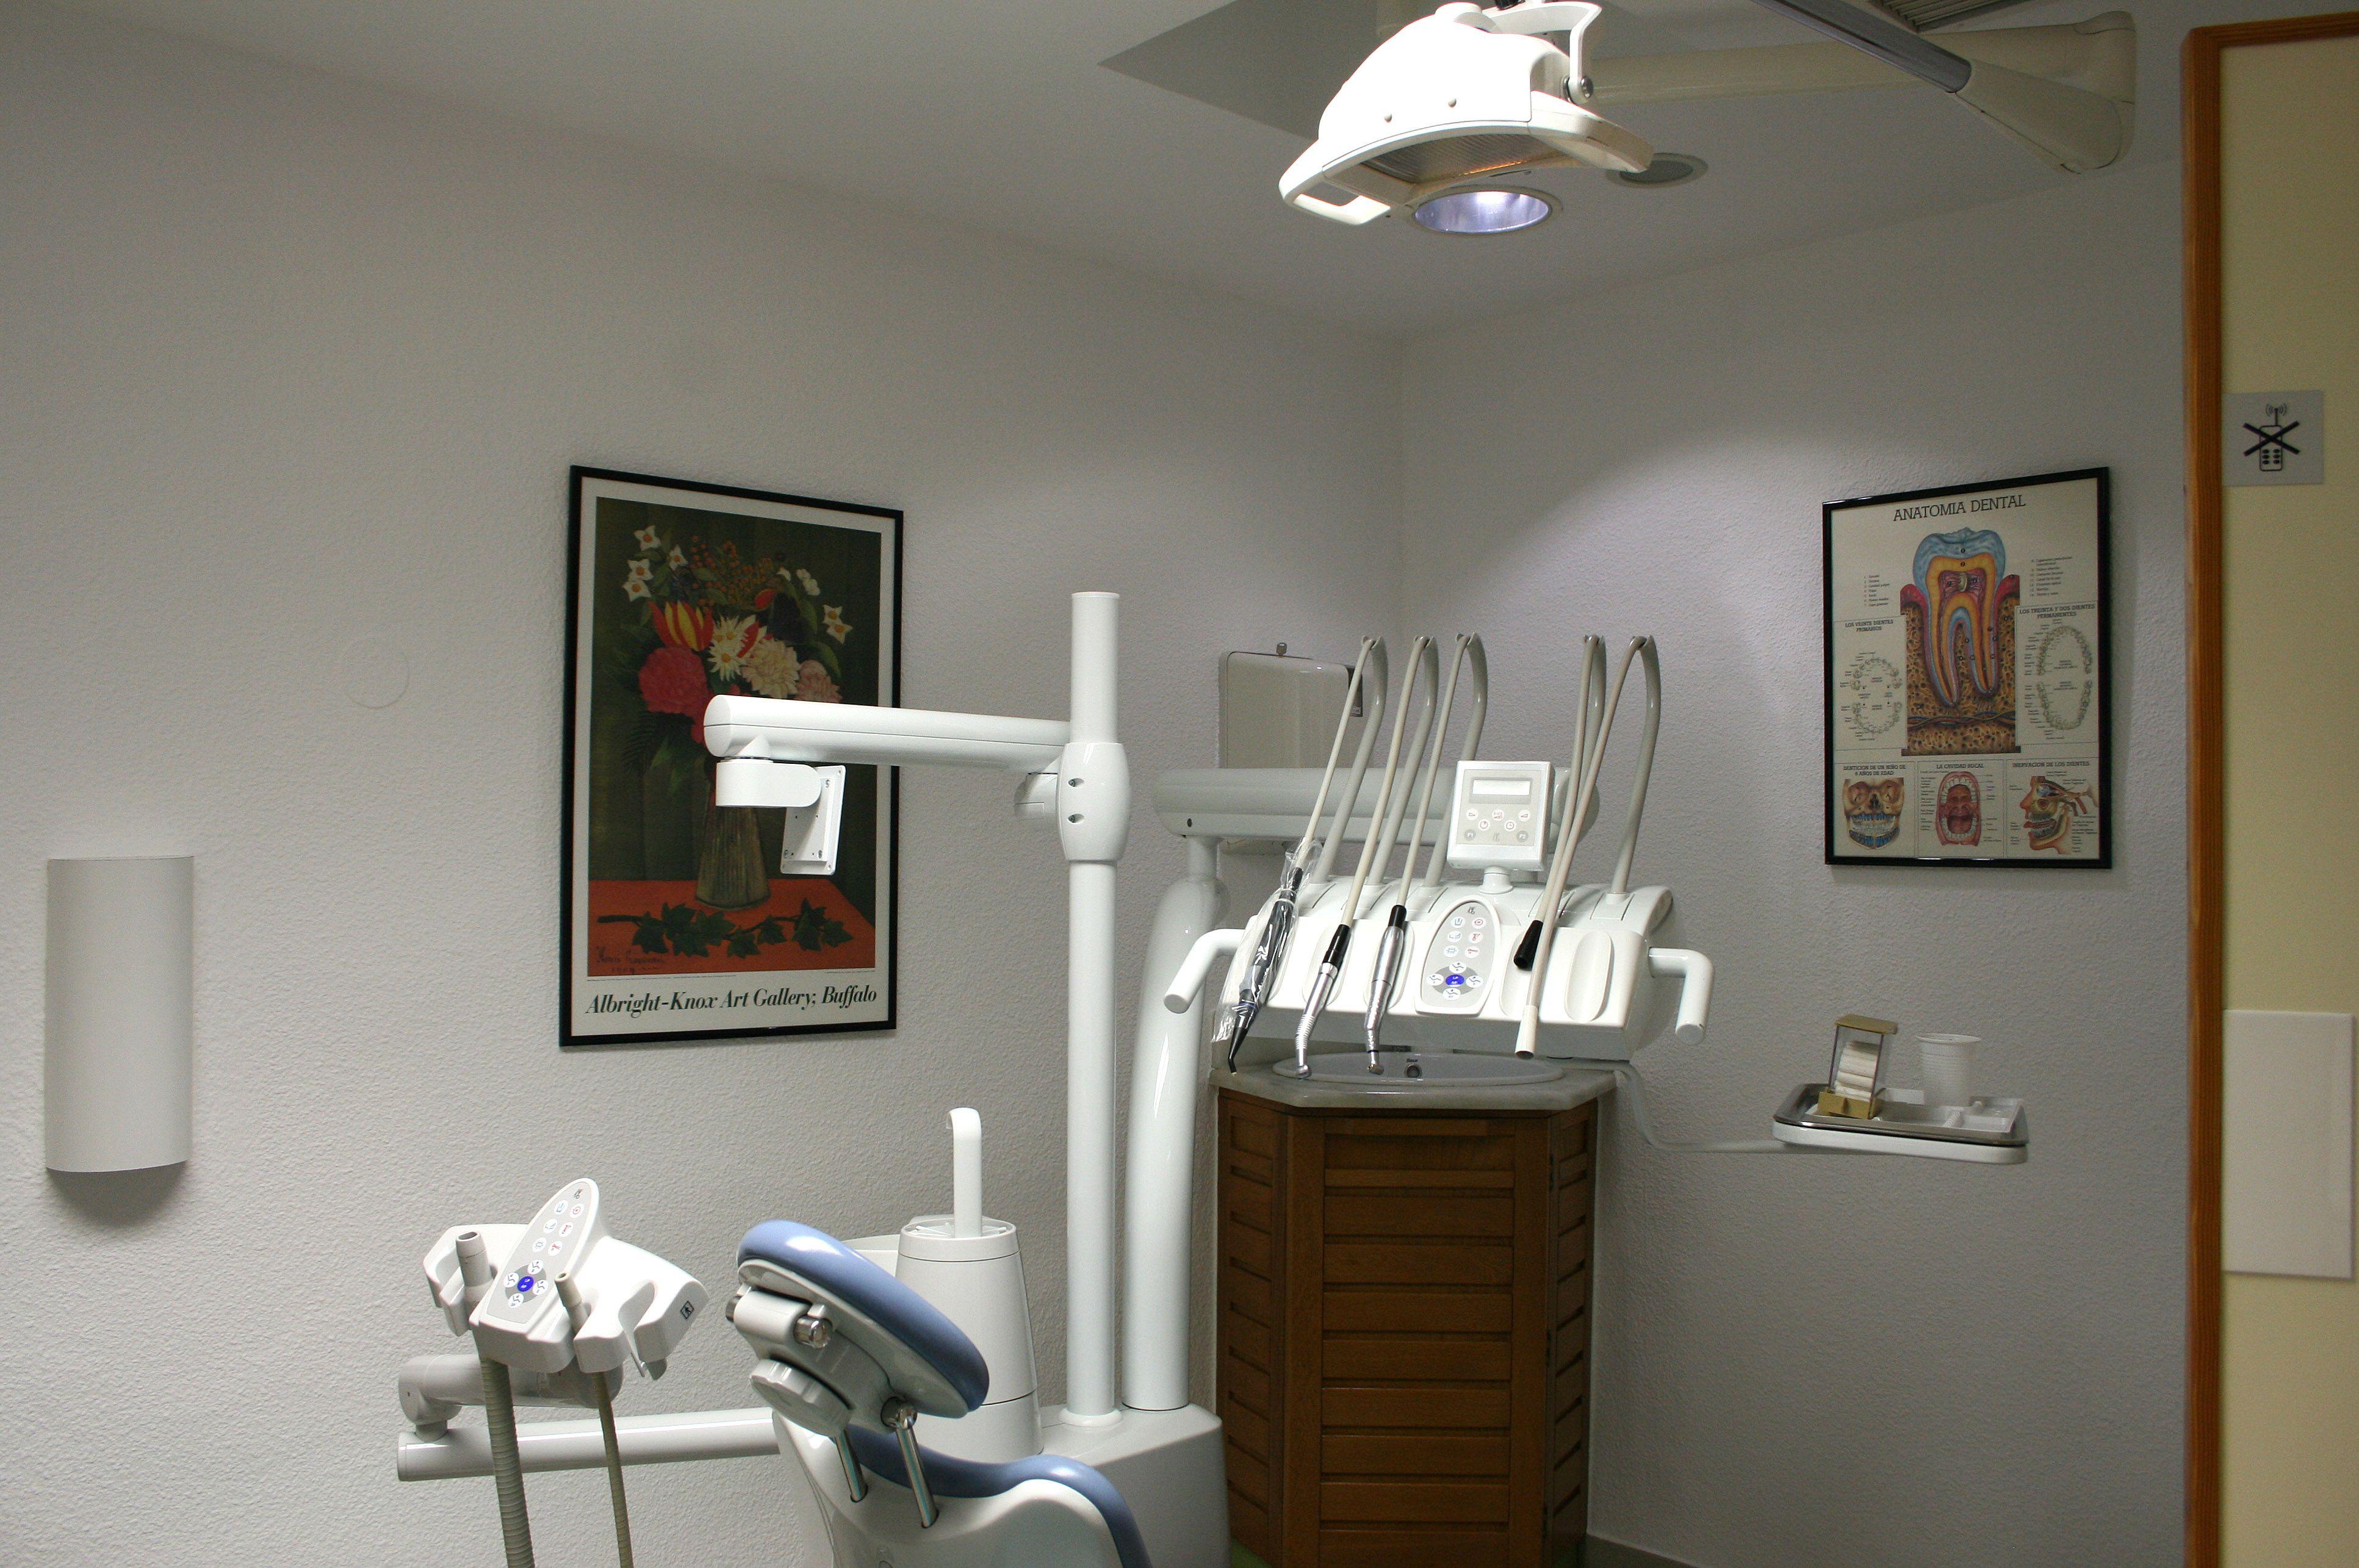 Foto 4 de Clínicas dentales en Motril | Clínica Dental Francisco Javier García Jerónimo